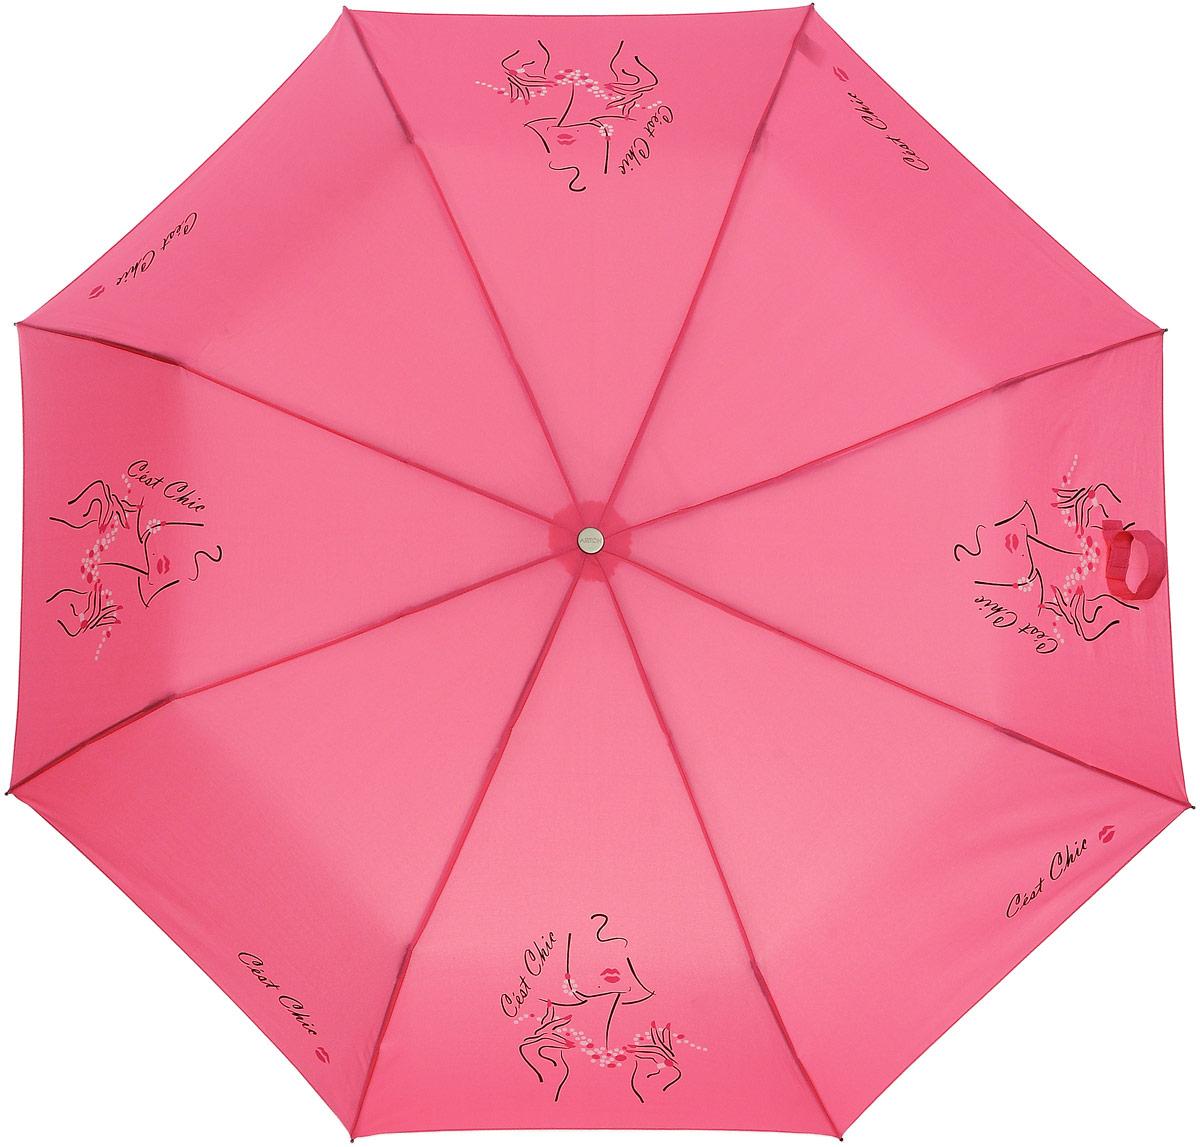 Зонт женский Airton, автомат, 3 сложения, цвет: розовый, черный. 3912-30 зонт airton 3917 8028 полный автомат женский